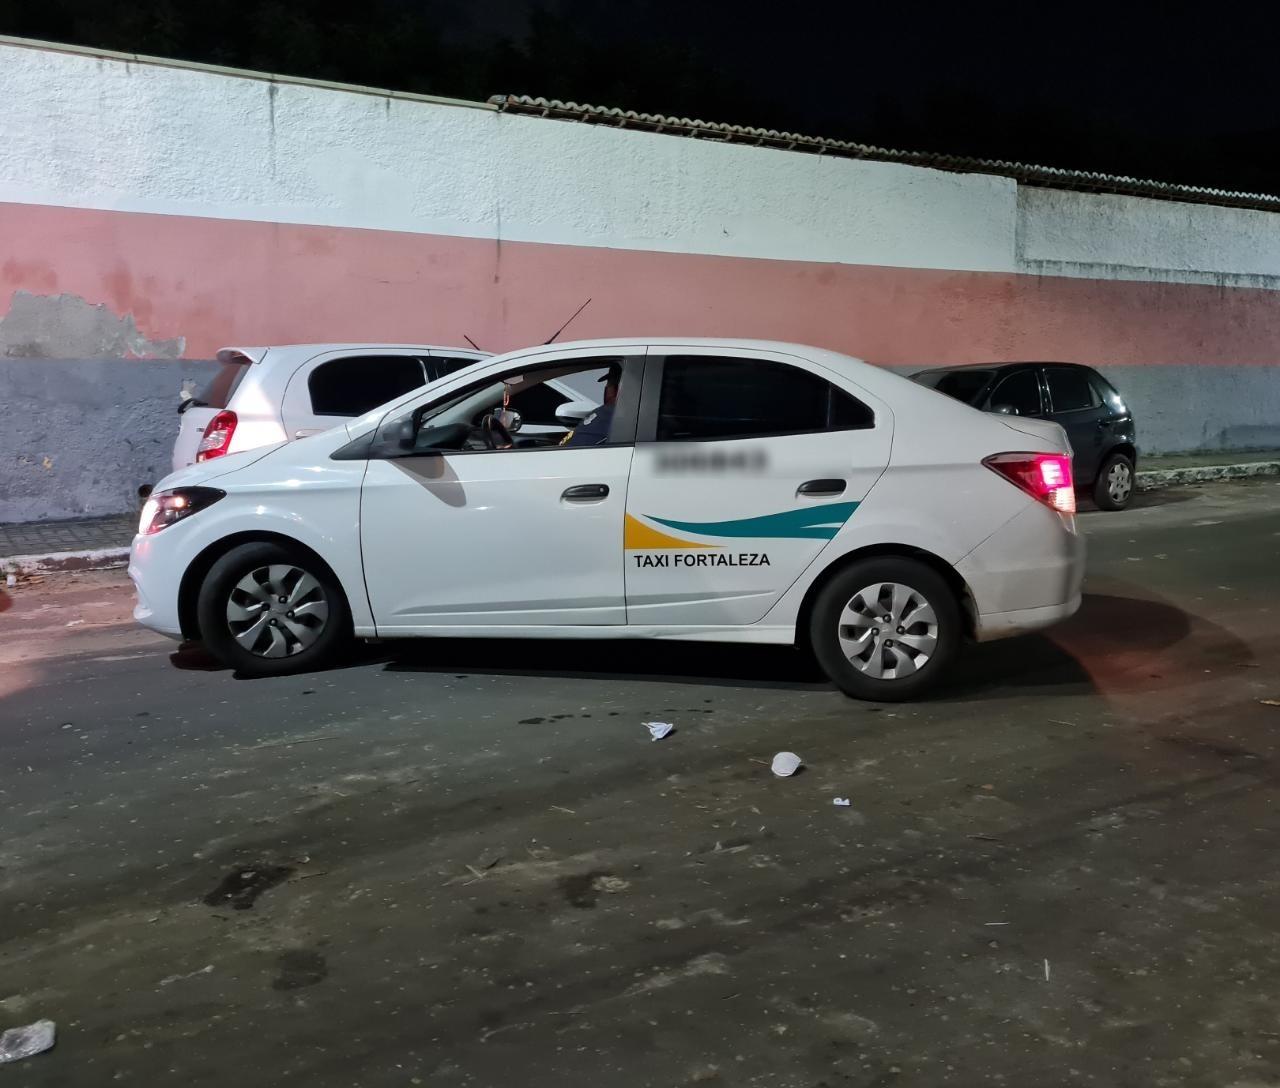 Taxista é suspeito de participar em assalto a padaria em Fortaleza; vídeo